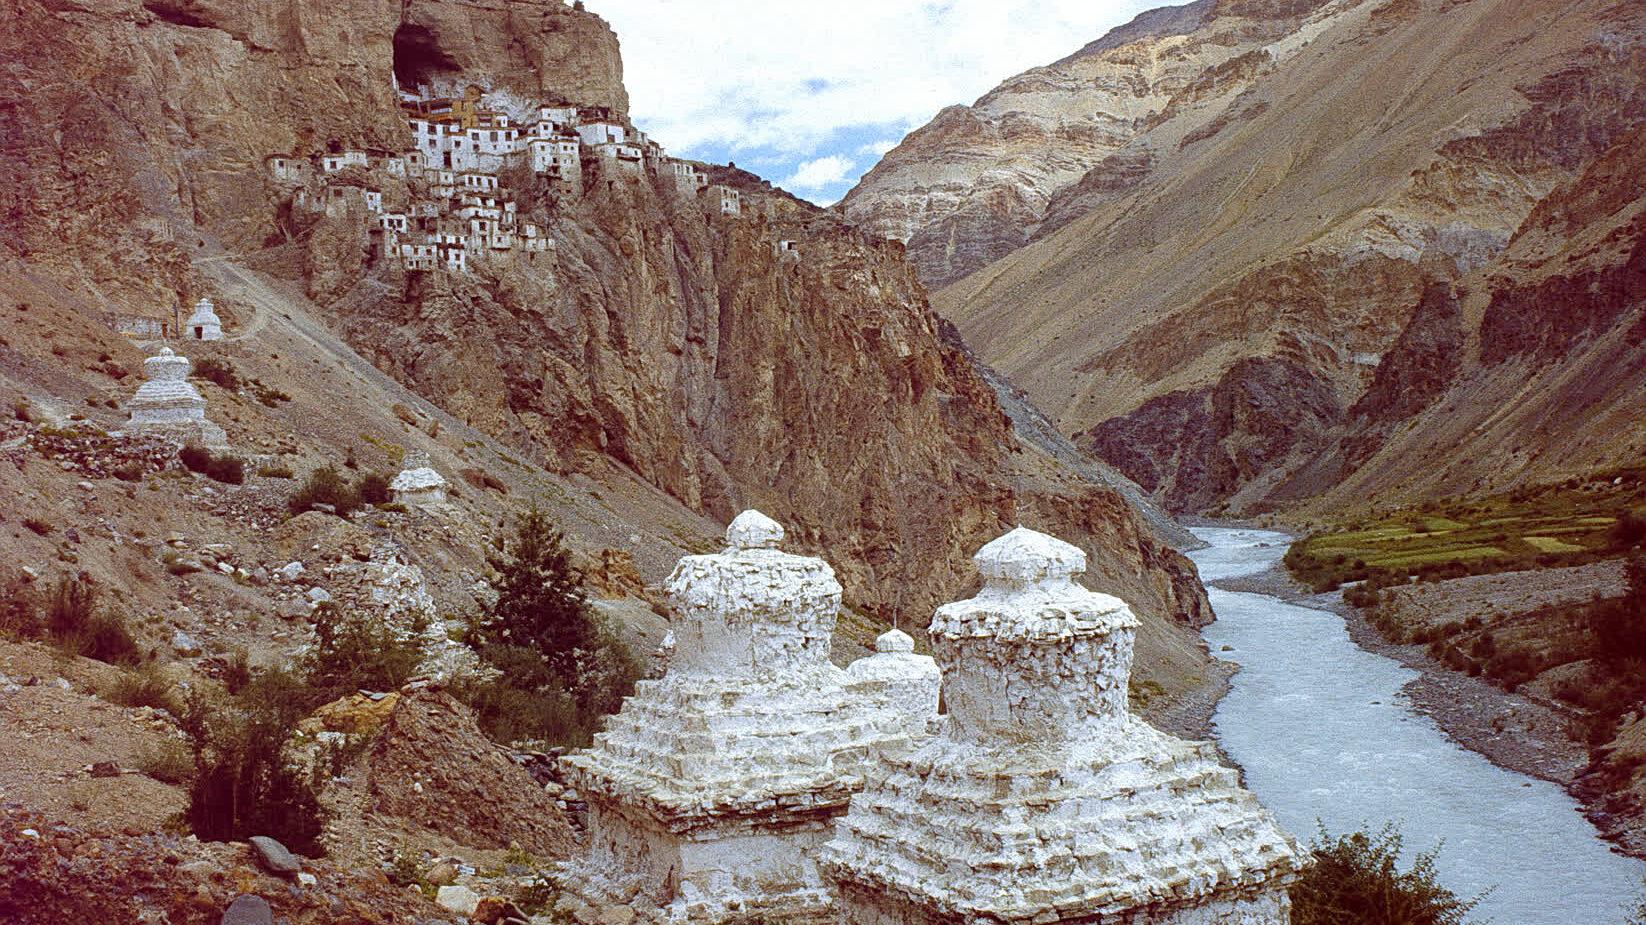 फुग्ताल मठ: बौद्ध भिक्षुओं का आदर्श स्थान